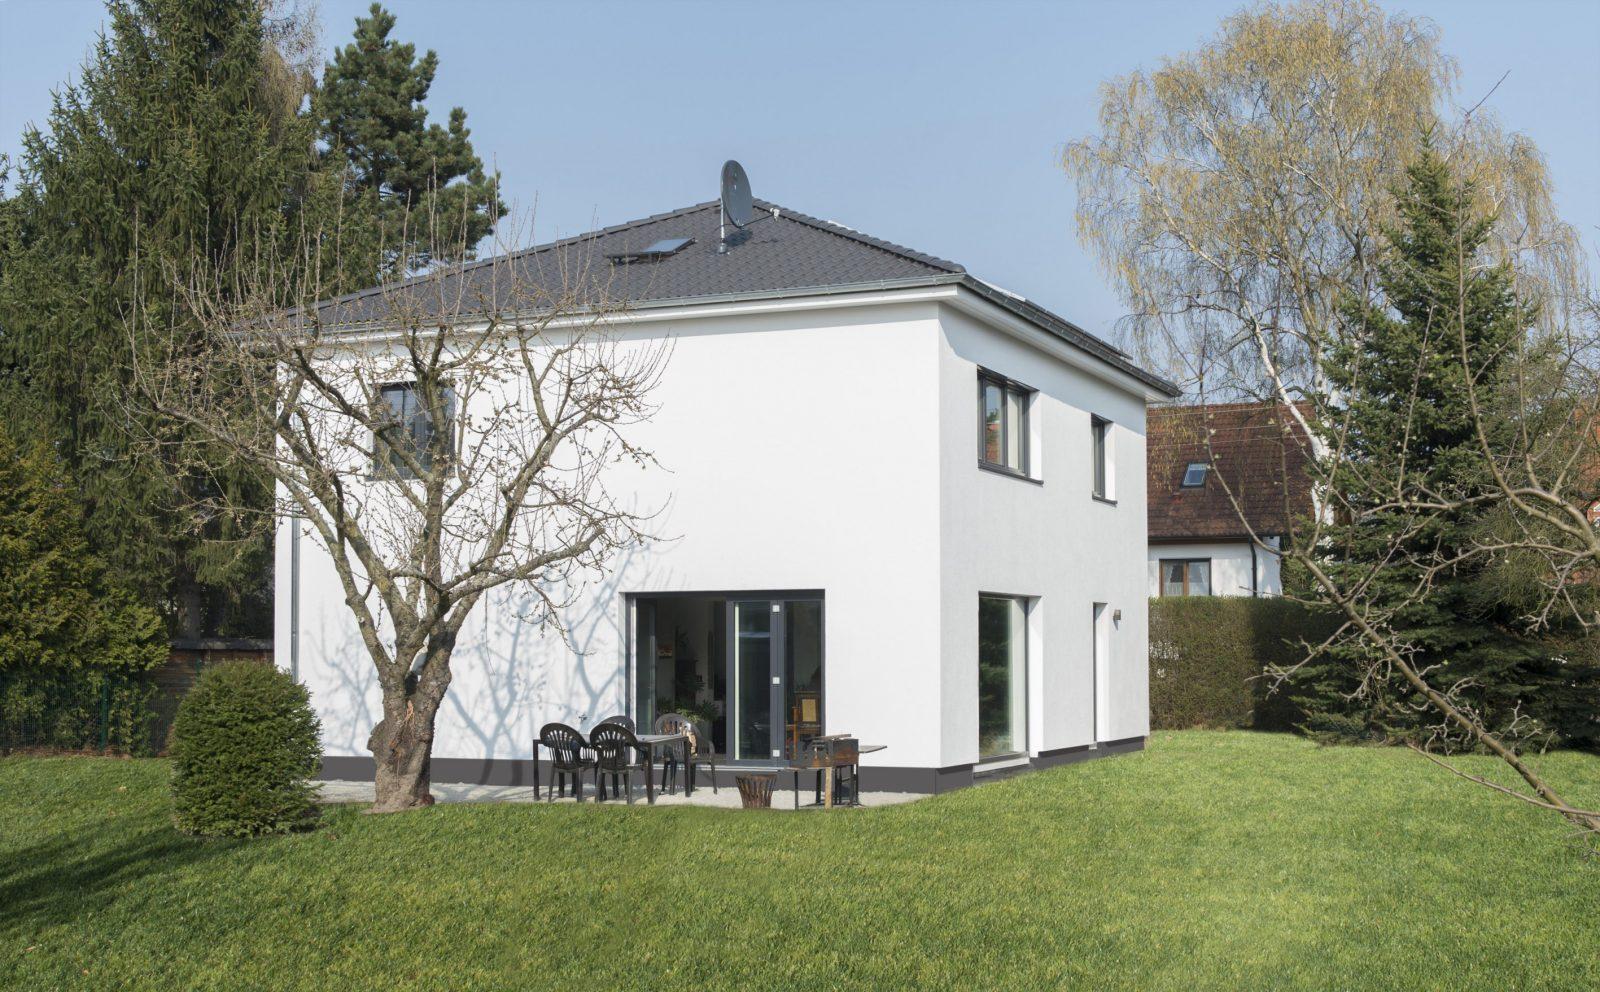 Haus Selber Bauen  Erfahrungen Mit von Haus Komplett Selber Bauen Photo